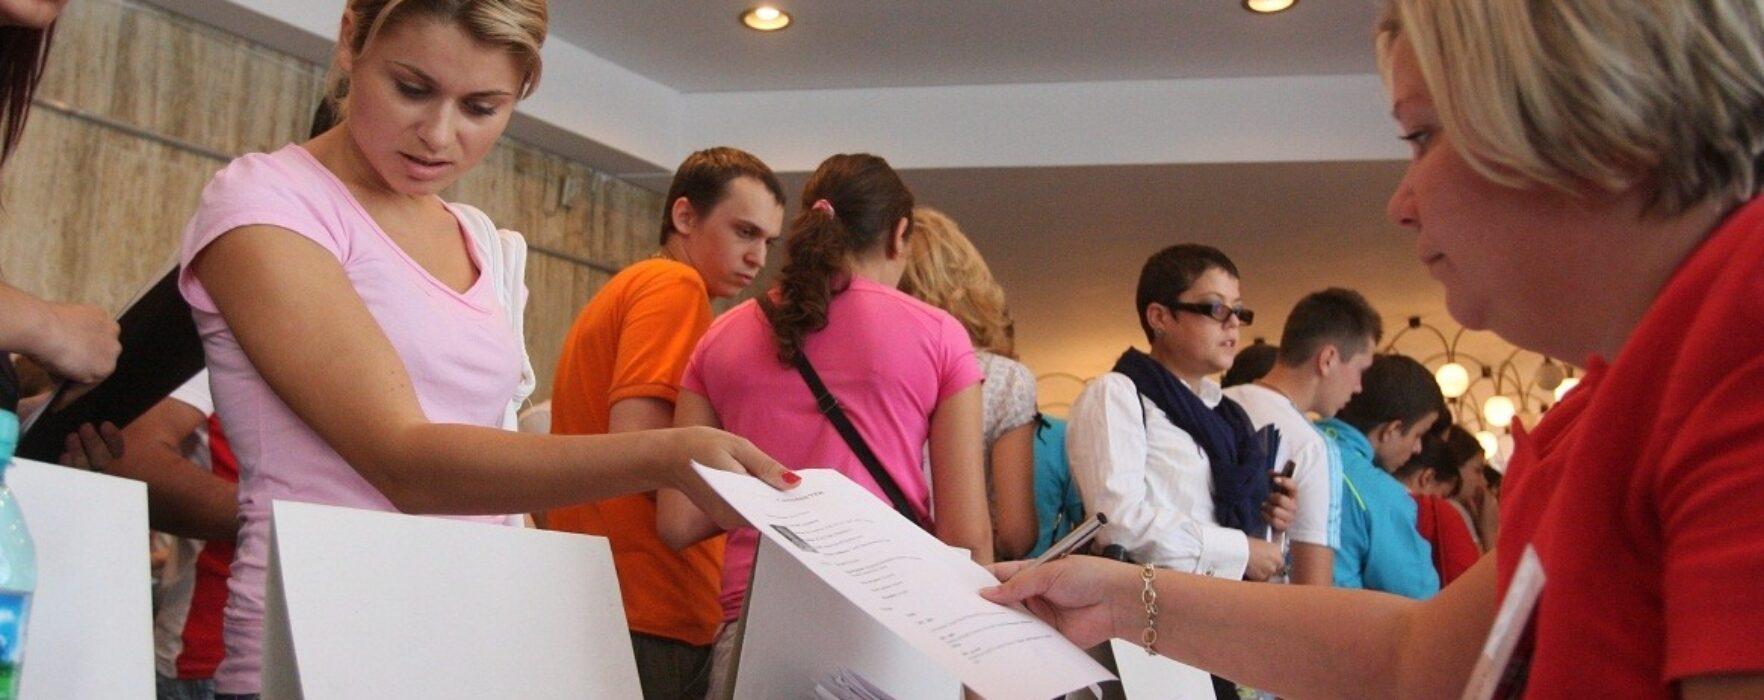 Peste 500 de persoane în căutarea unei slujbe, la Bursa locurilor de muncă de la Târgovişte